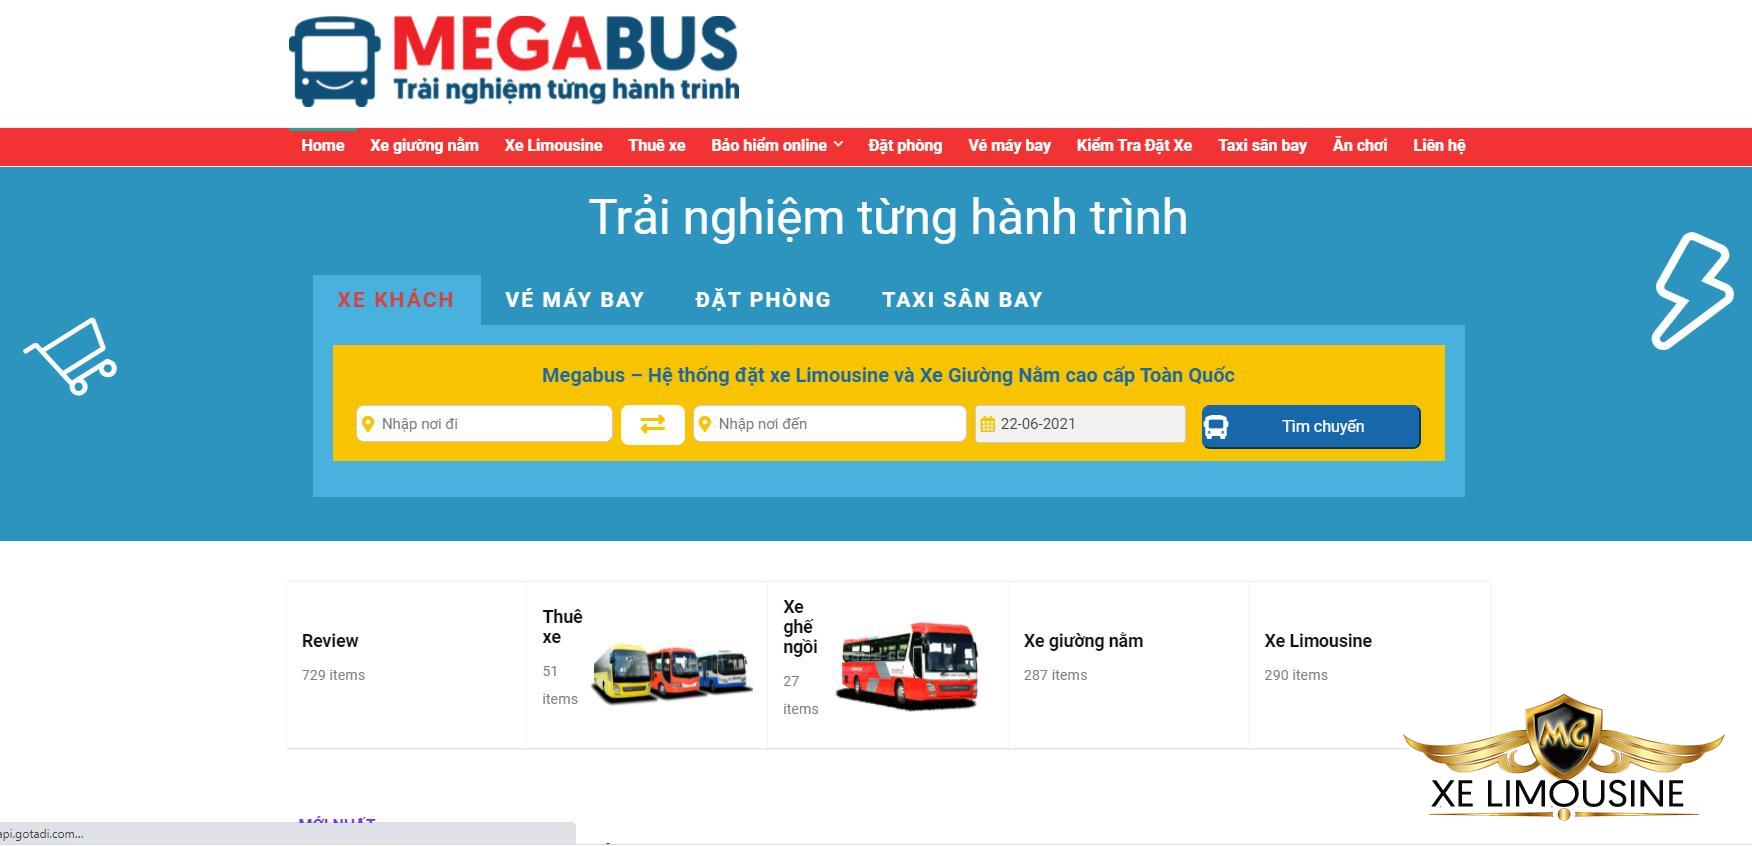 Đặt vé xe G5car limousine Sài Gòn Mũi Né nhanh nhất tại Megabus